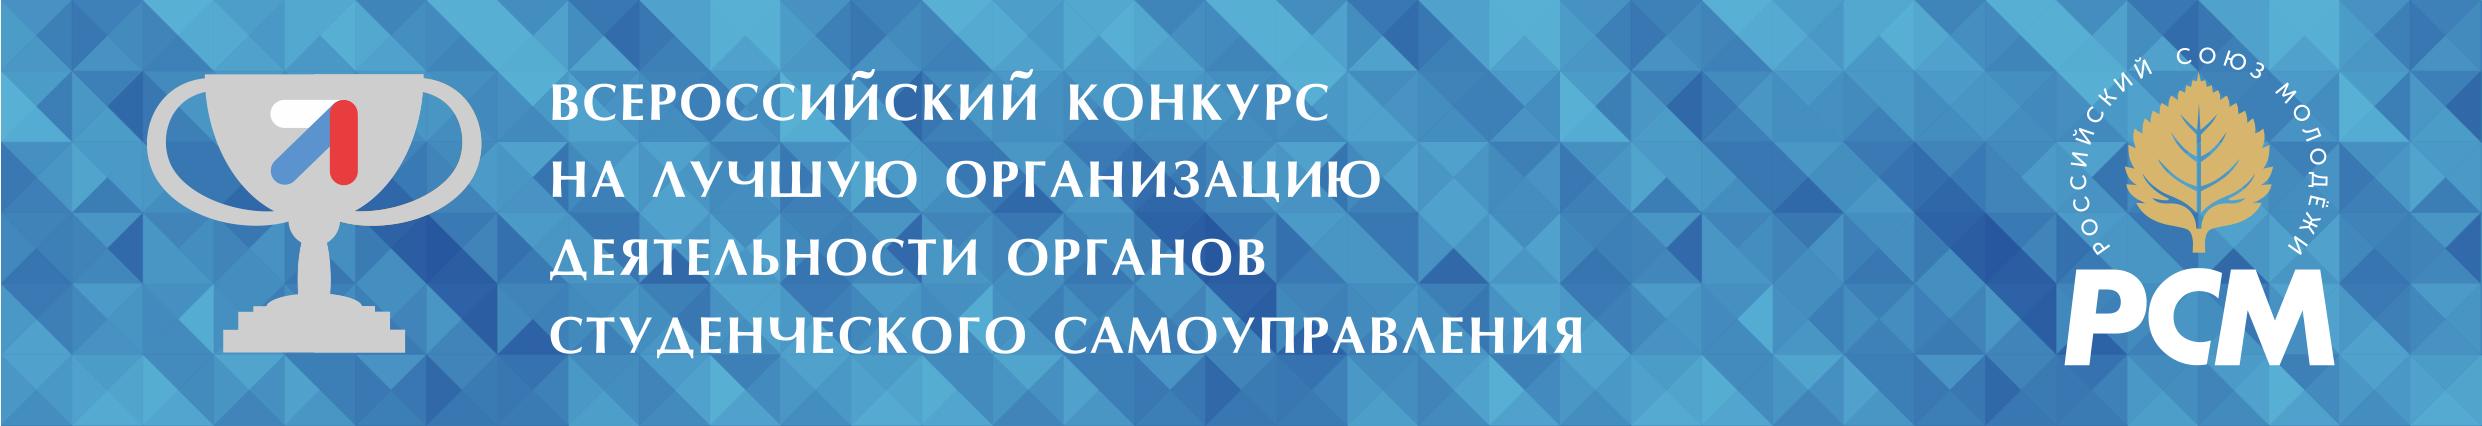 Всероссийский конкурс на лучшую организацию деятельности органов студенческого самоуправления